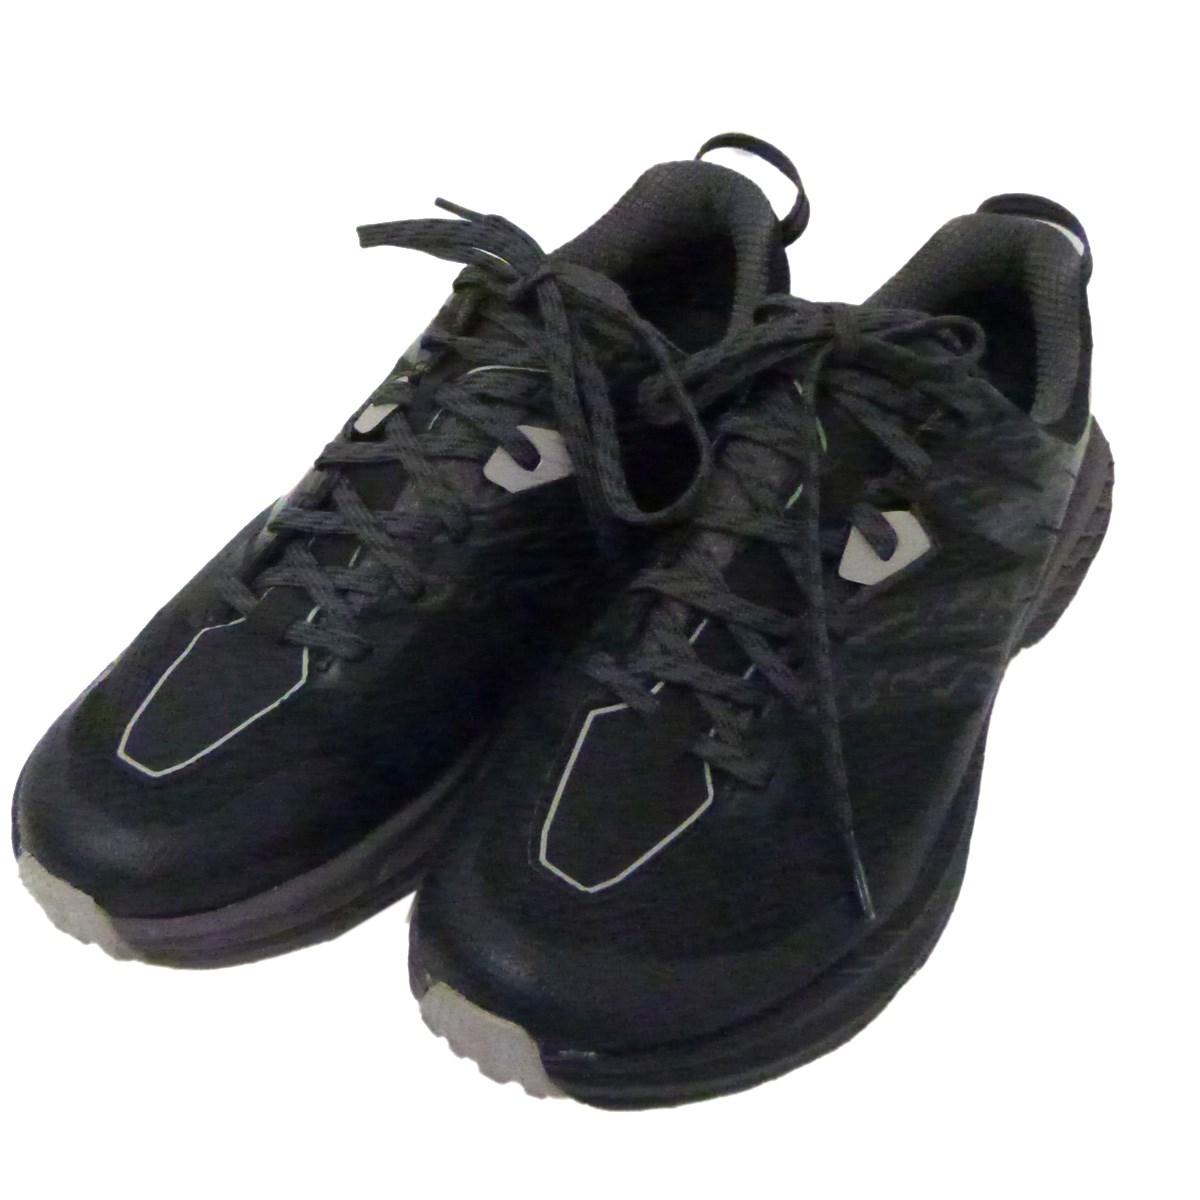 【12月2日 お値段見直しました】【中古】HOKAONEONE「SPEEDGOAT 3 WP」スニーカー ブラック サイズ:27.5cm